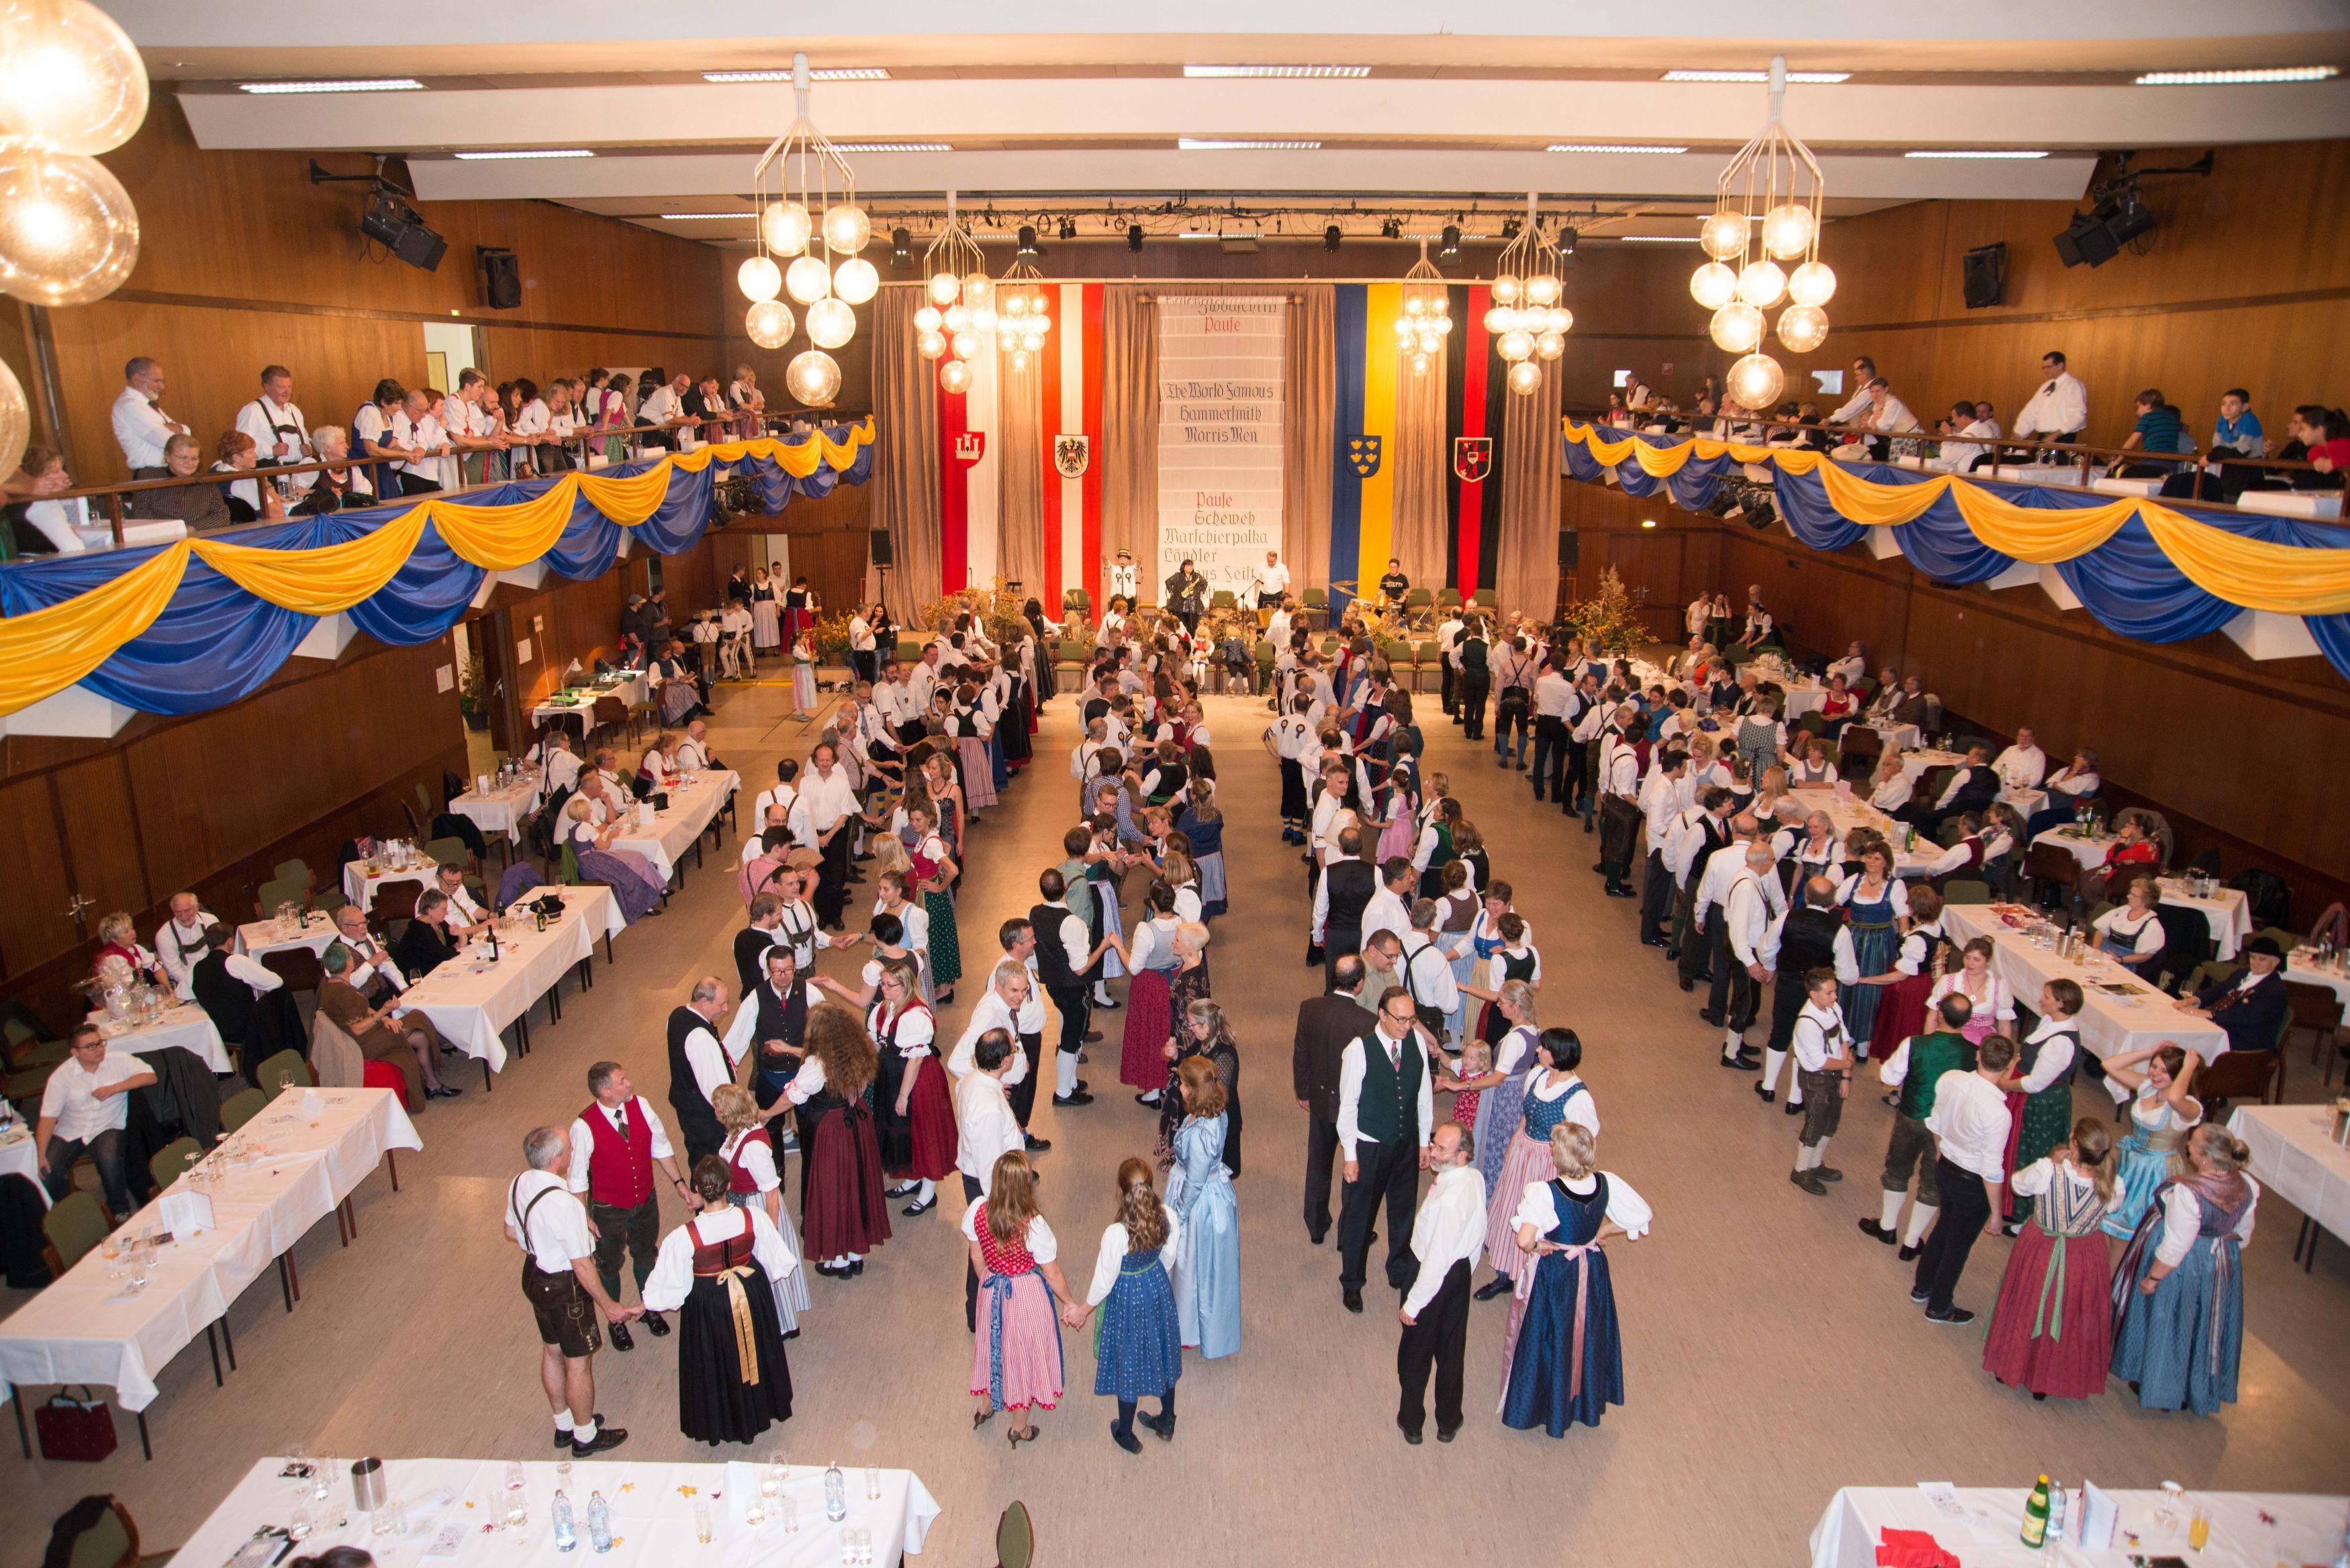 Leopolditanz 2017, Aufstellung zur Quadrille beim Ceílídh Dance